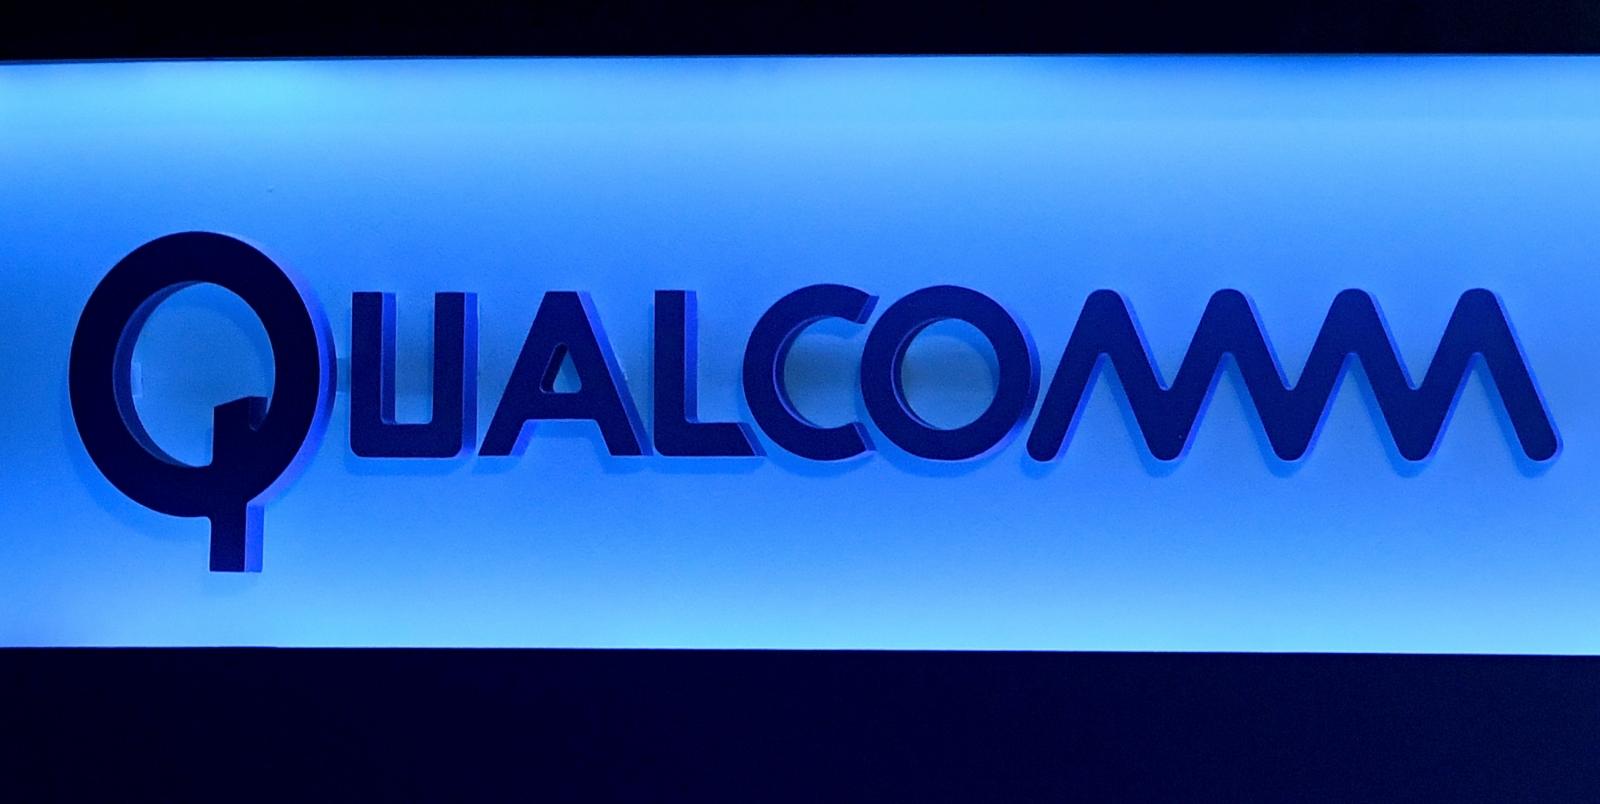 Apple sues Qualcomm in Beijing